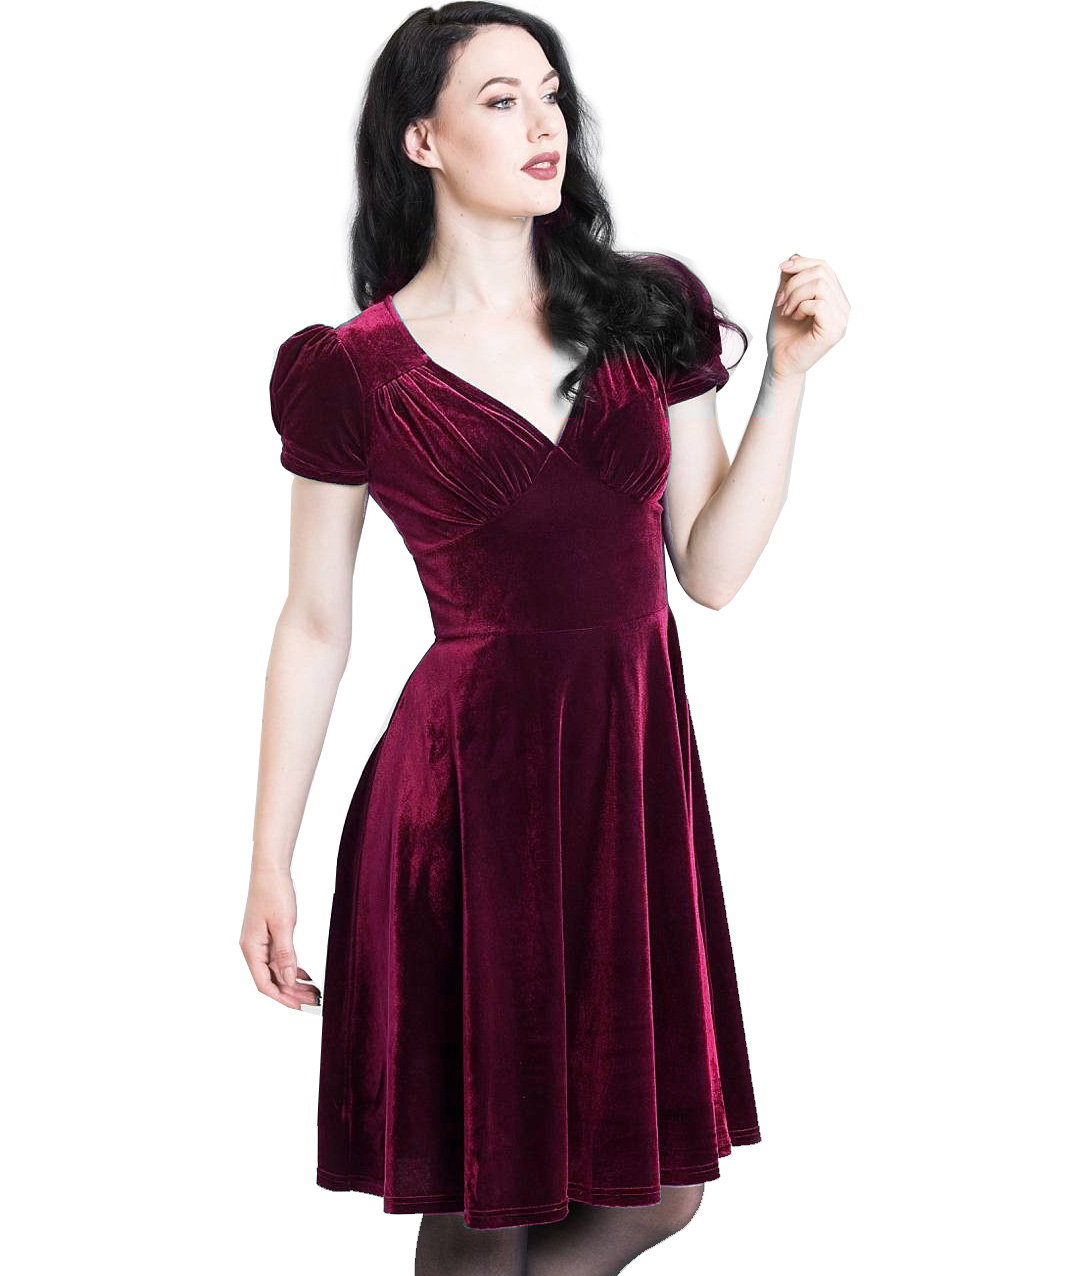 Hell-Bunny-40s-50s-Elegant-Pin-Up-Dress-JOANNE-Crushed-Velvet-Burgundy-All-Sizes thumbnail 33